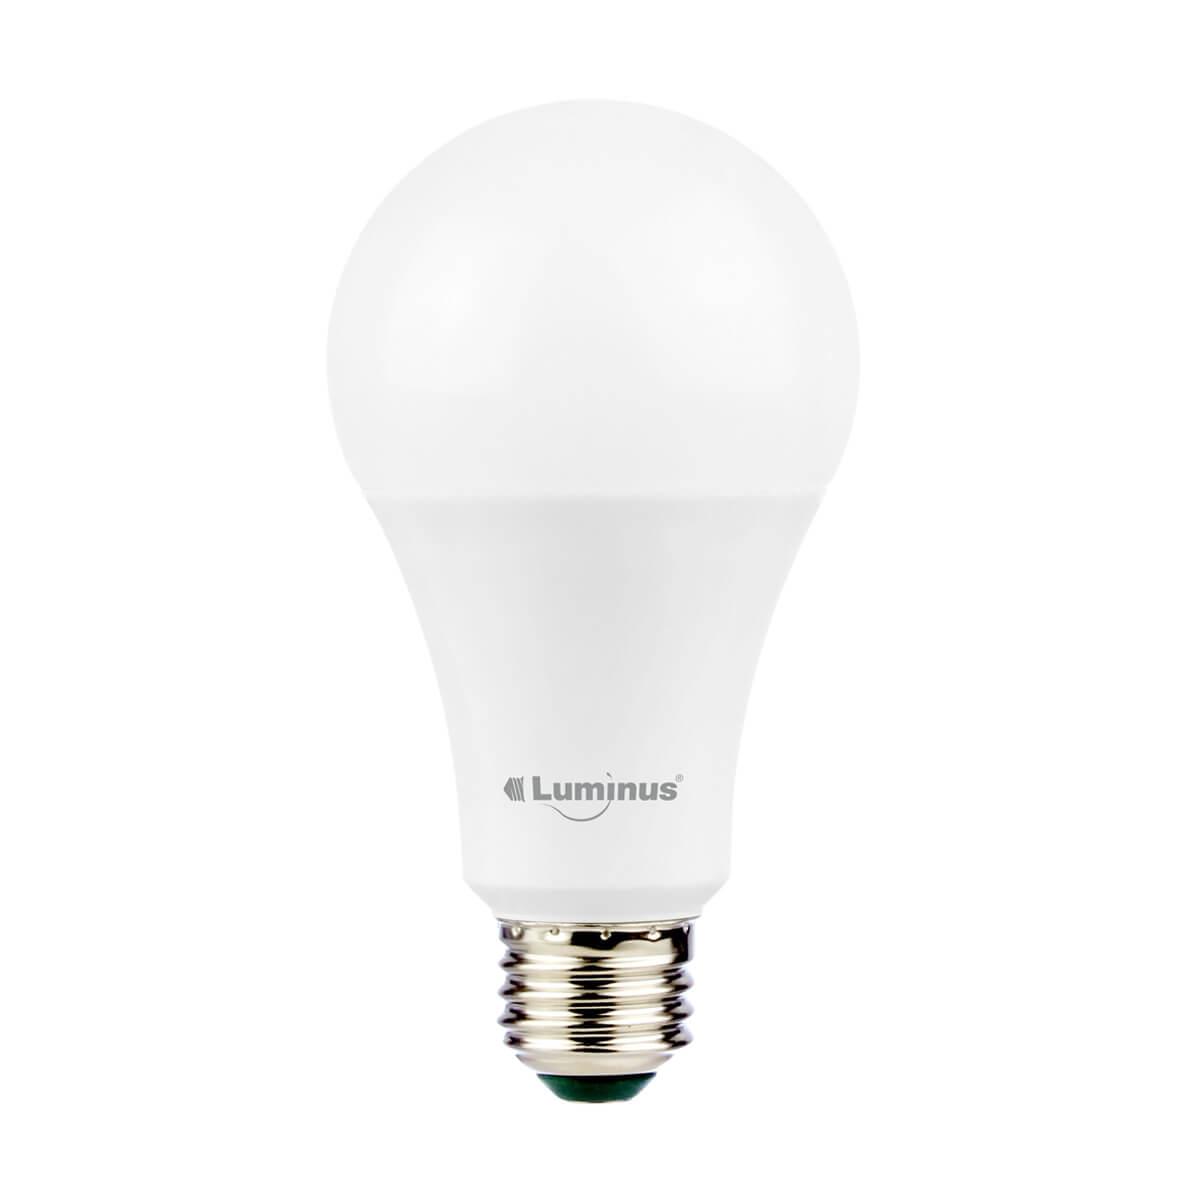 Luminus LED - 14.5W A21 - 2 Pack